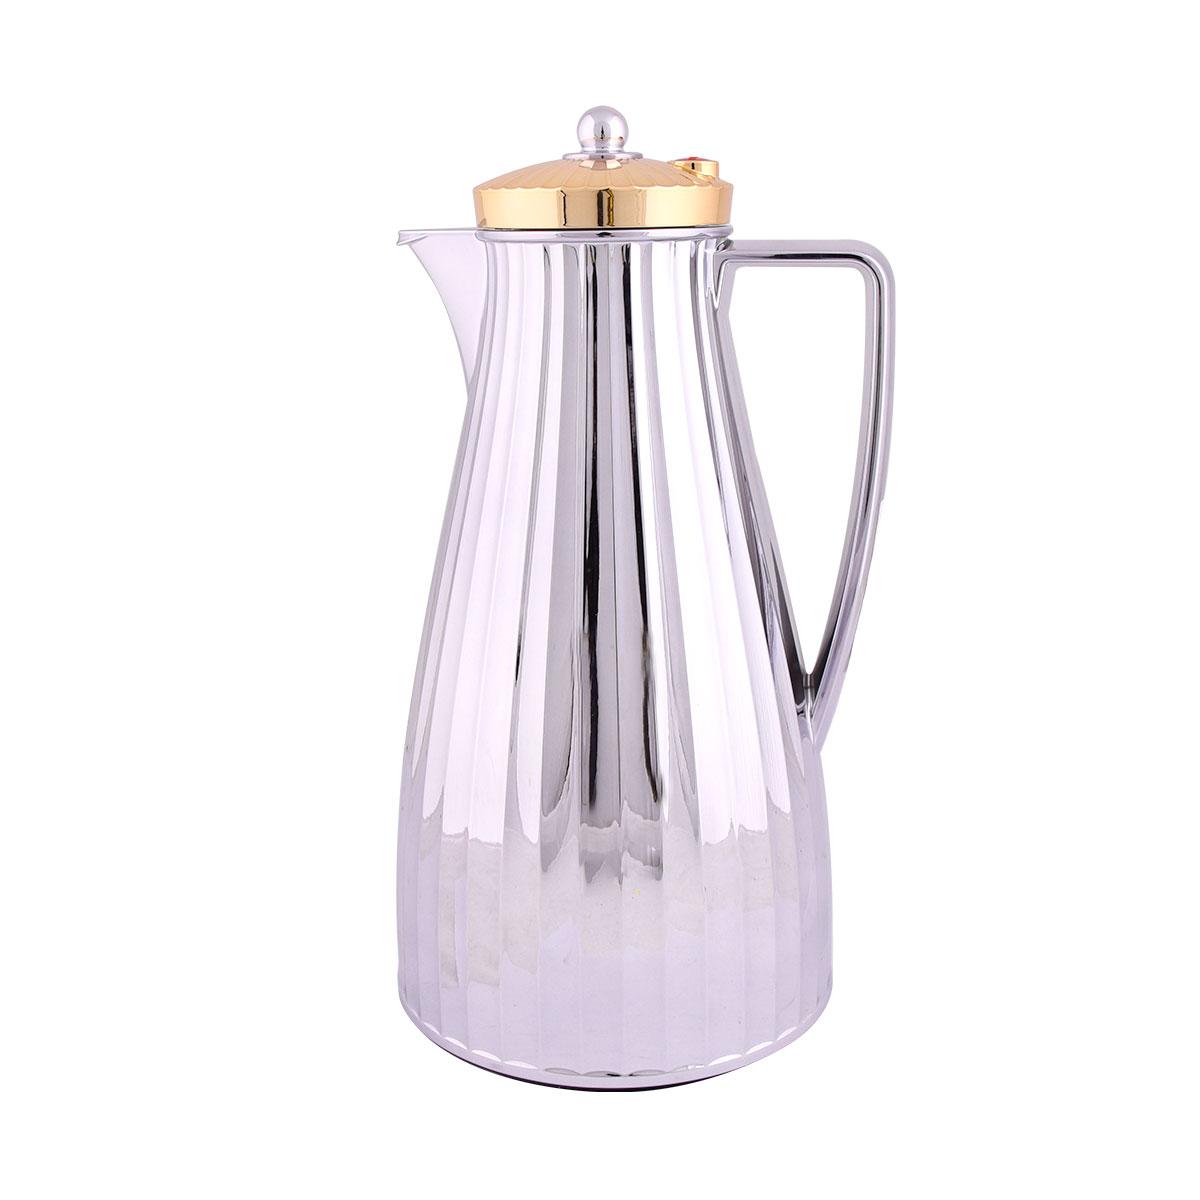 ترمس شاي وقهوة فلورا السيف فضي بغطاء ذهبي - 1.2لتر  - CG